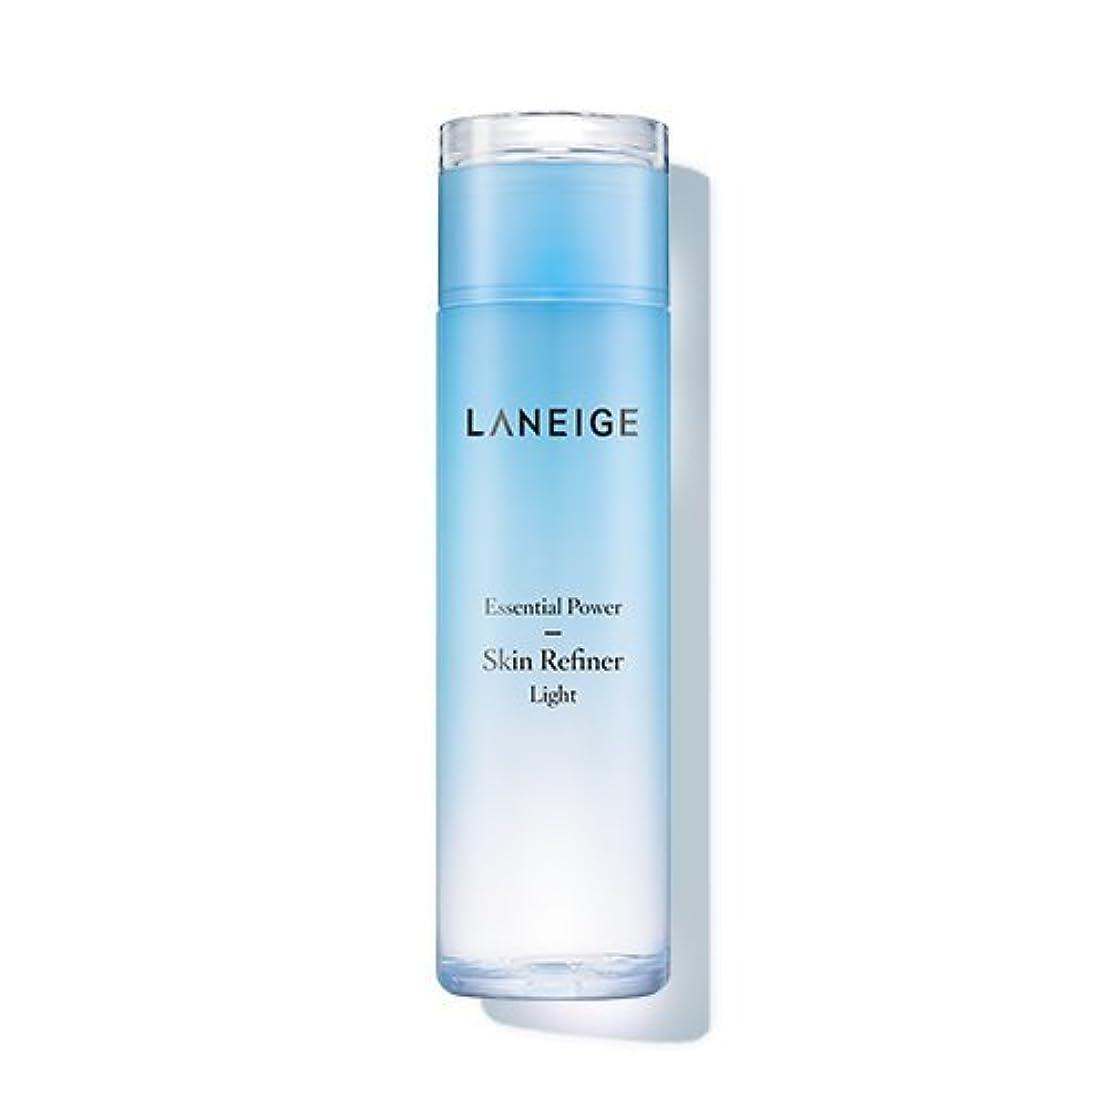 伸ばす報復する宿題をするLANEIGE Essential Power Skin Refiner Light 200ml/ラネージュ エッセンシャル パワー スキン リファイナー ライト 200ml [並行輸入品]